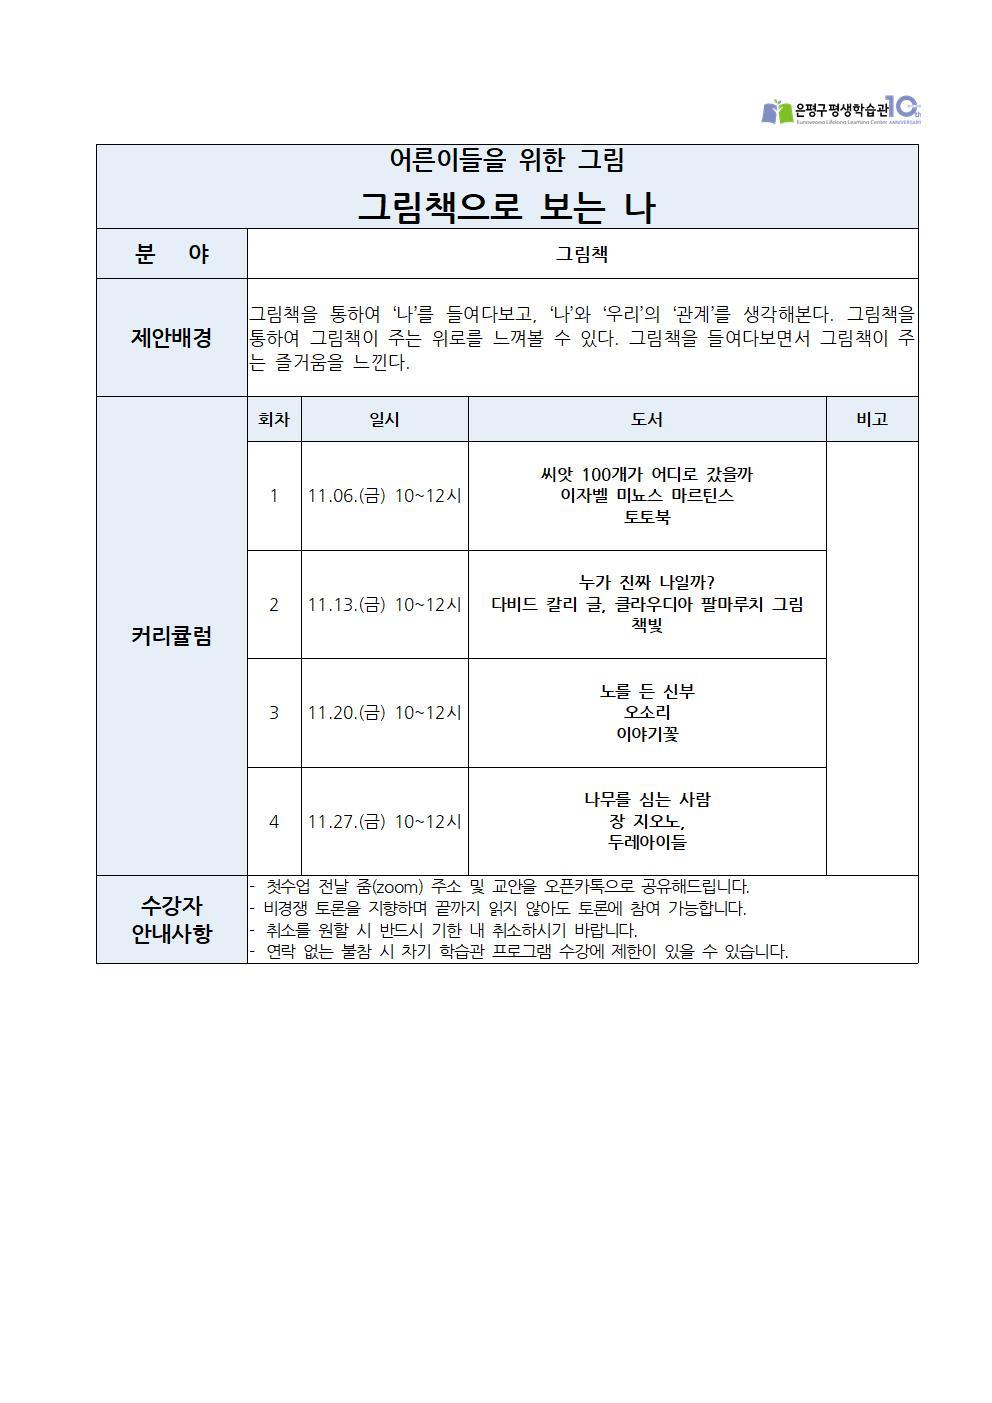 5. 은평북살롱 기획단 책모임 기획안_김형아_최종(9001.jpg